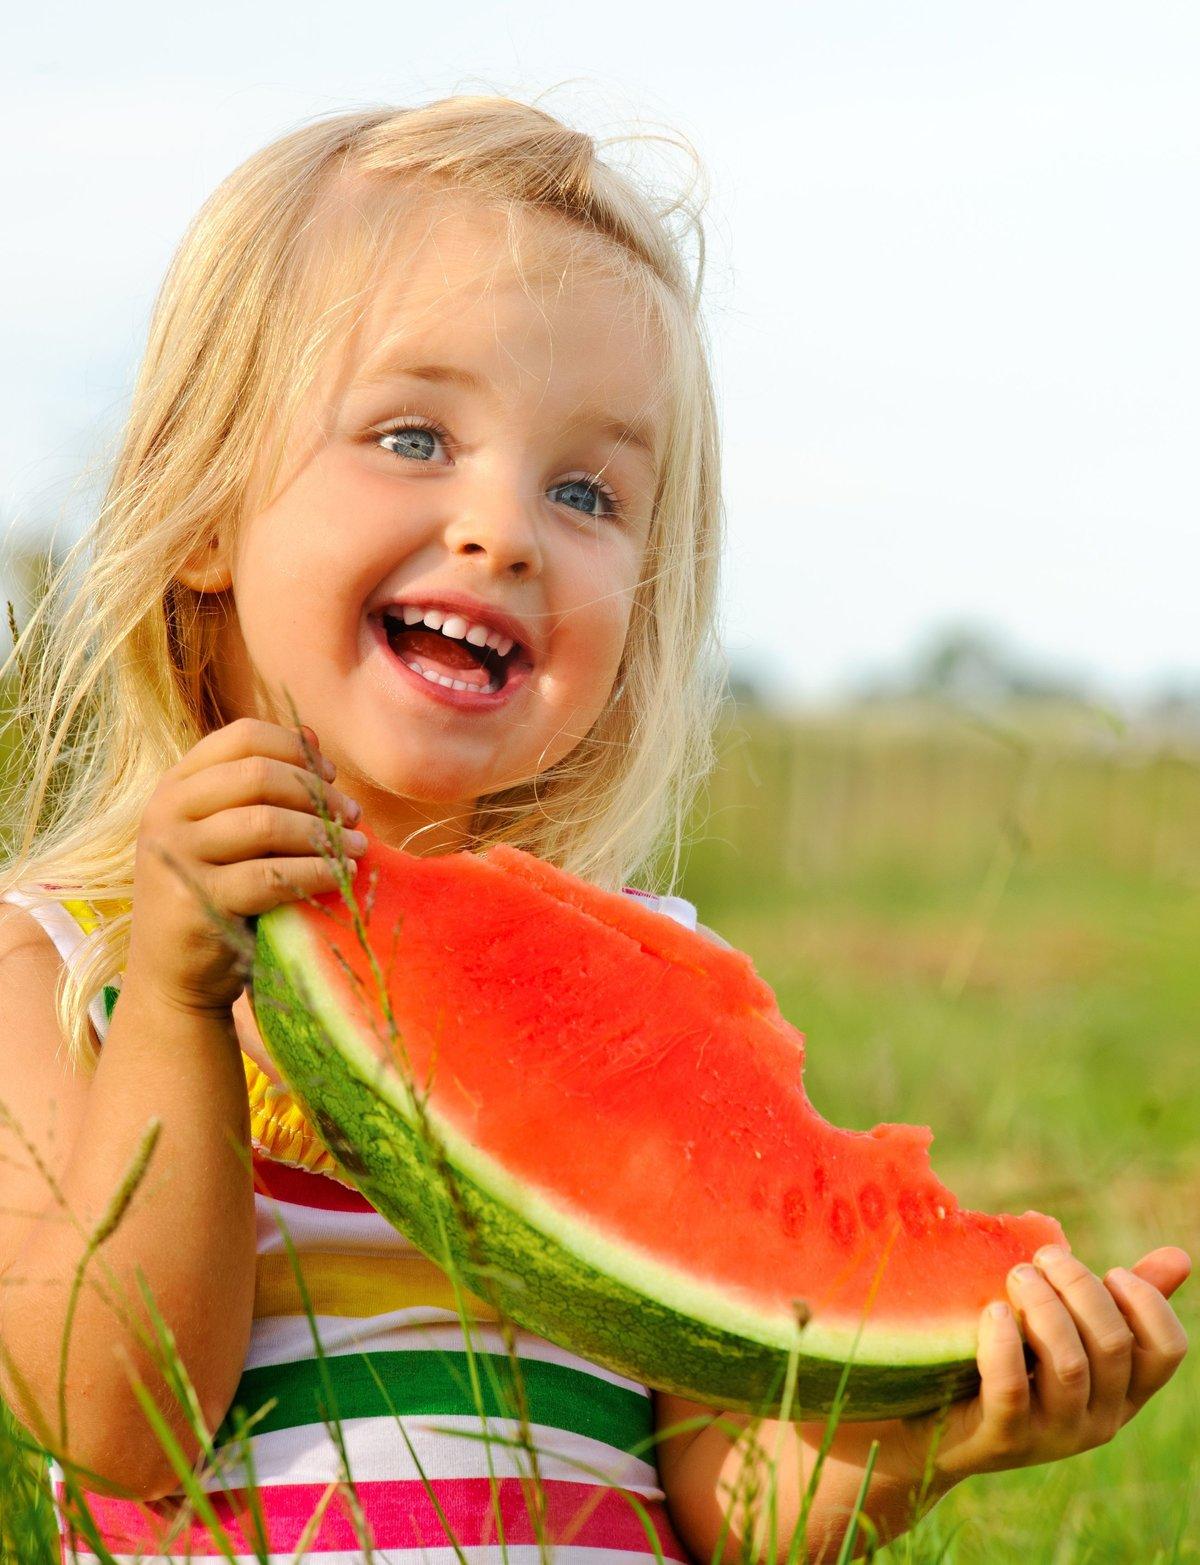 Поздравления казахском, прикольные картинки дети с фруктами